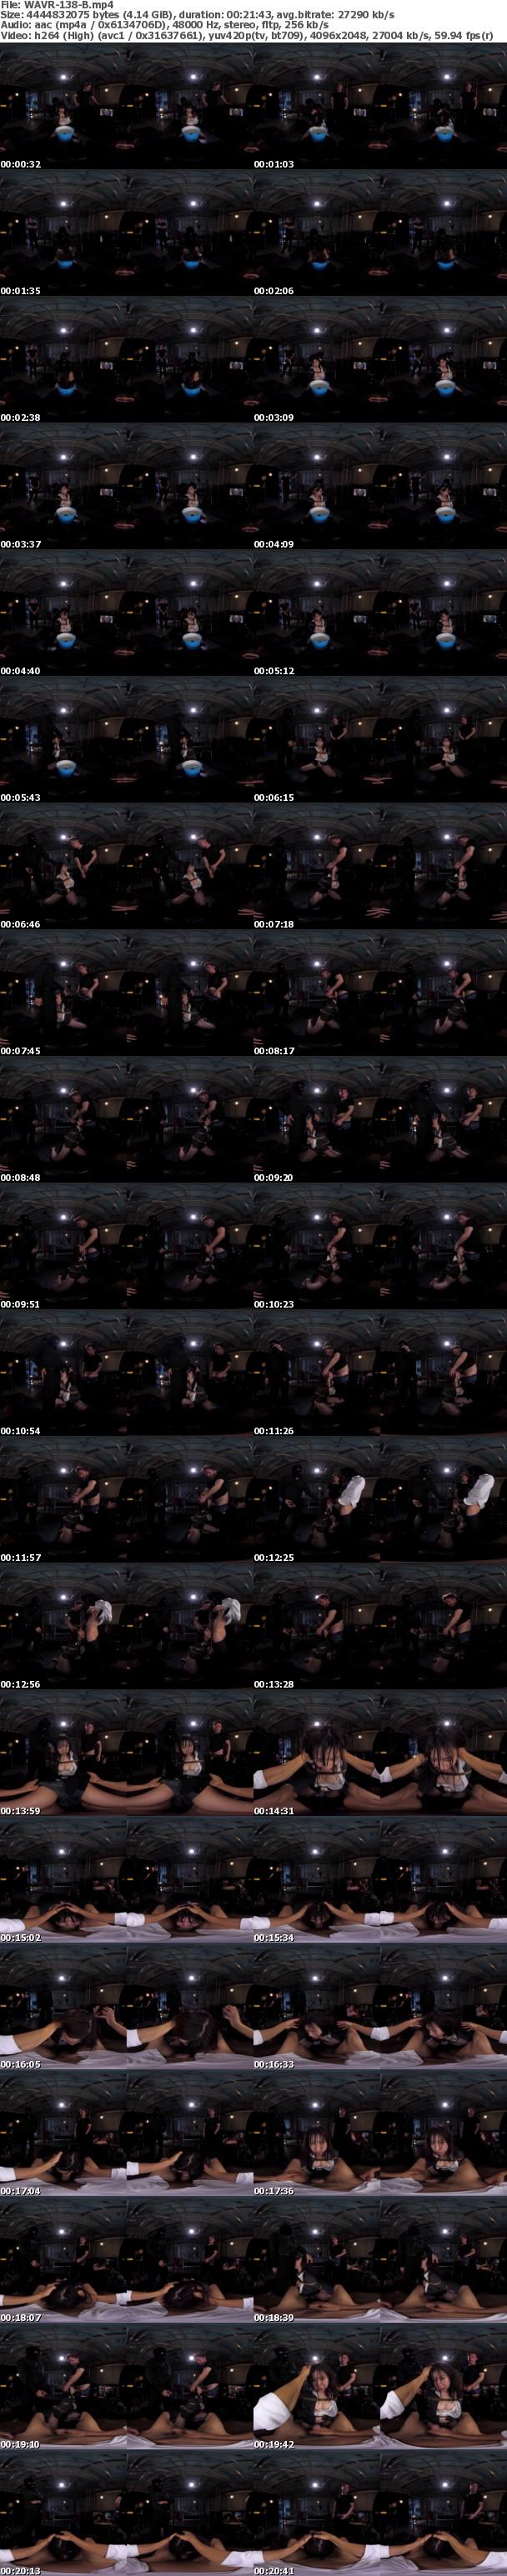 (VR) WAVR-138 どんなハードな凌●を受けても口を割らない気高き女捜査官VR ビンタ&水責め&スパンキング&電気ショック&媚薬注入…!特殊訓練を受けた女捜査官にVR史上最大の拷問ショック!! 大浦真奈美